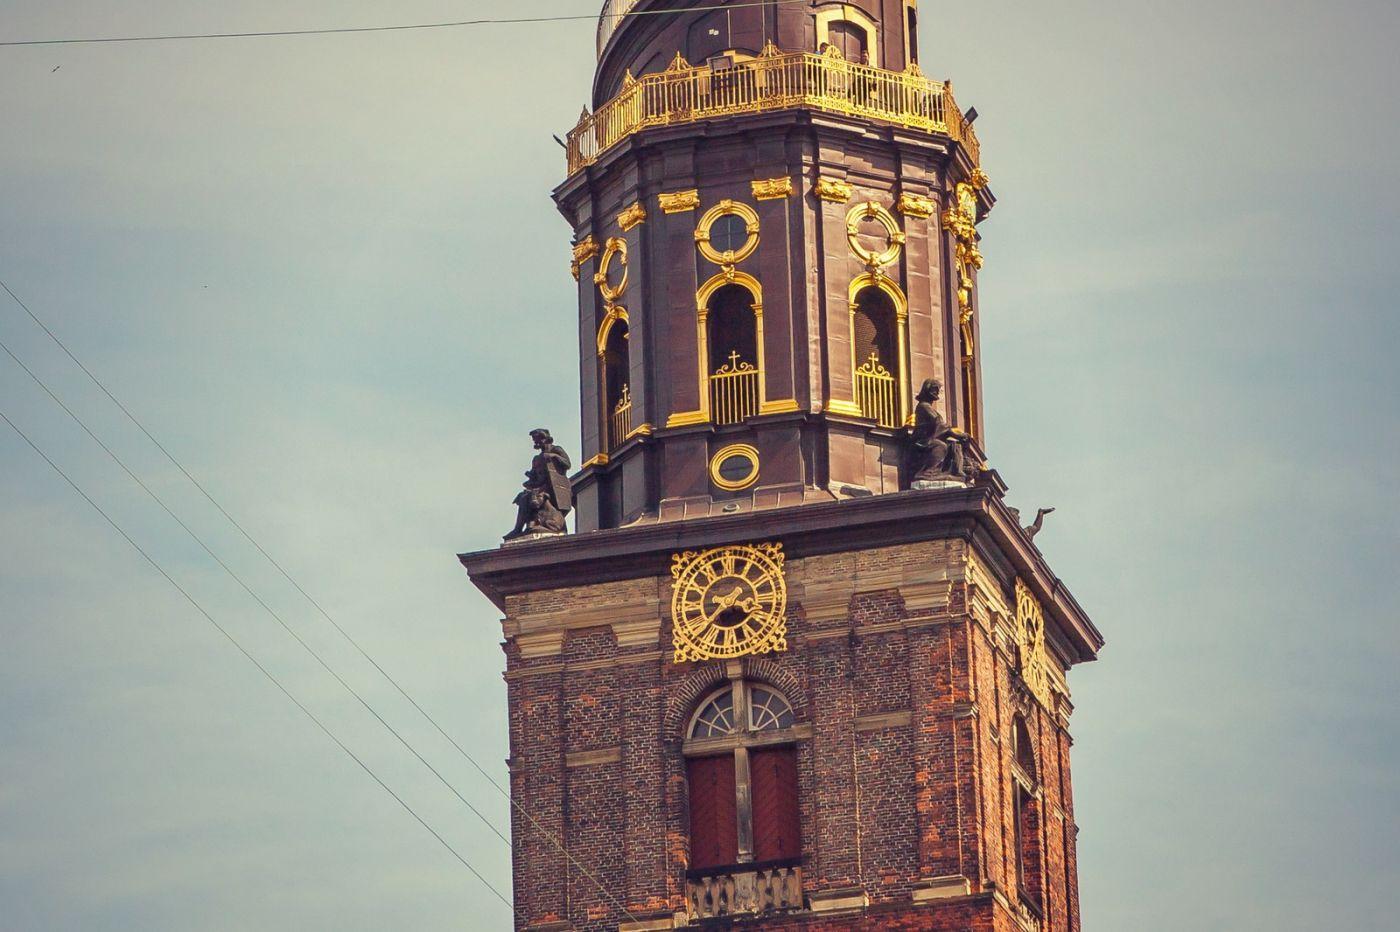 丹麦哥本哈根,新旧融合的城市_图1-24